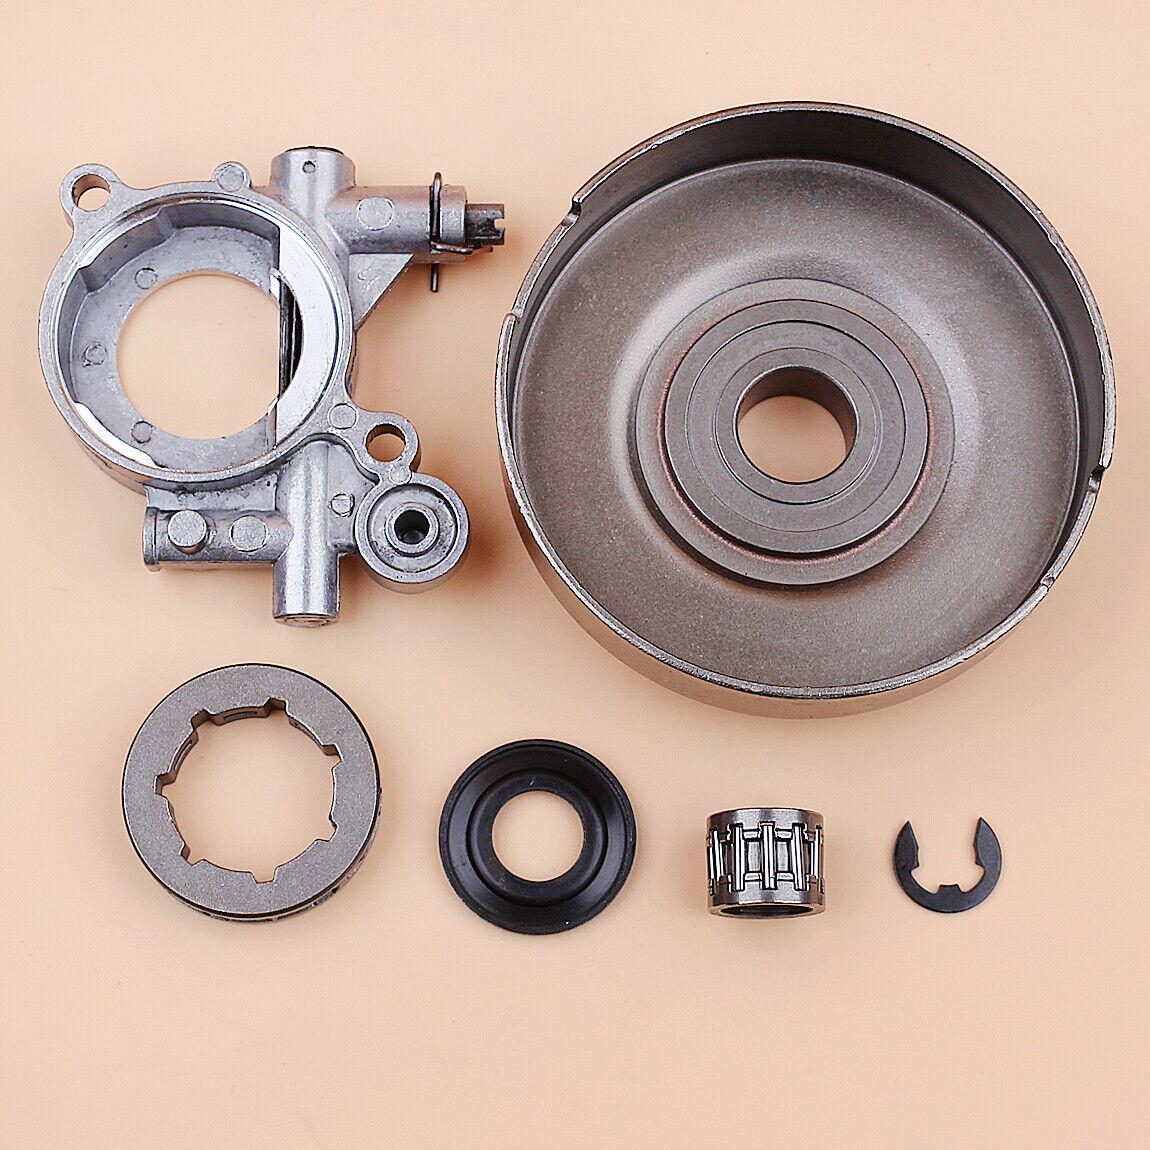 1EEF E3D V5 E3D V6 1.75mm Hard Nozzle Extruder Home Replicator Office Filament